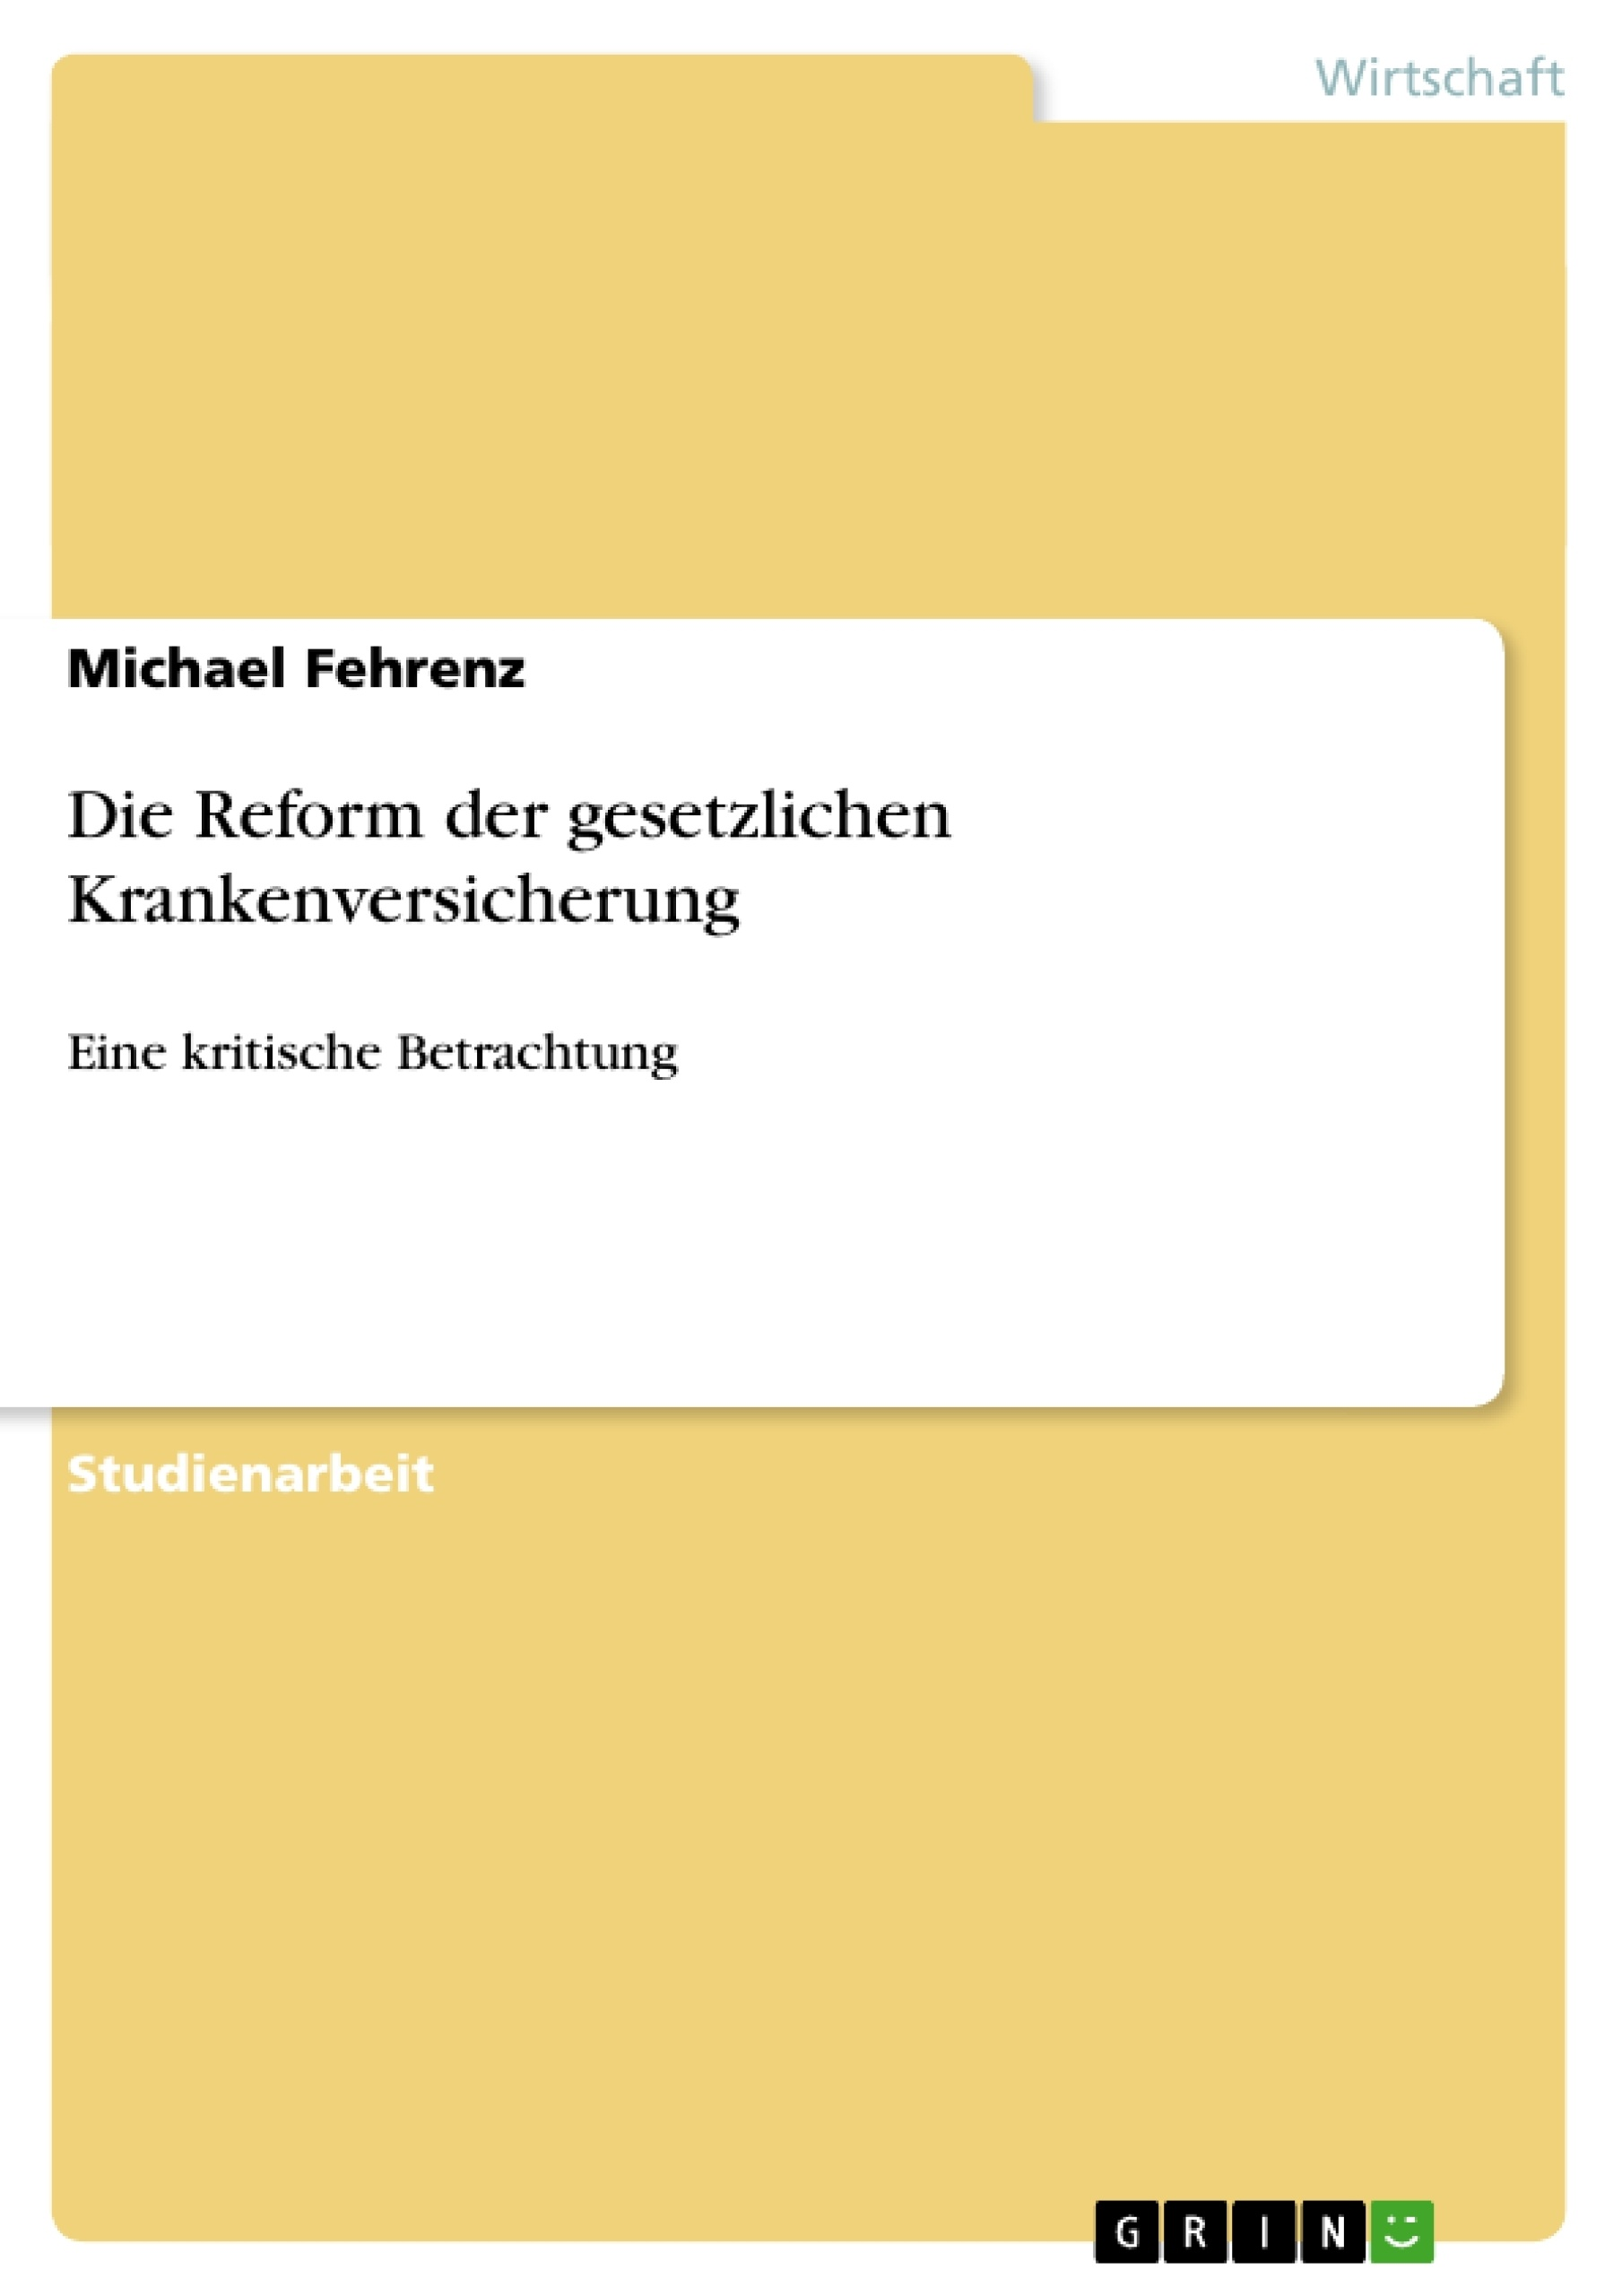 Titel: Die Reform der gesetzlichen Krankenversicherung